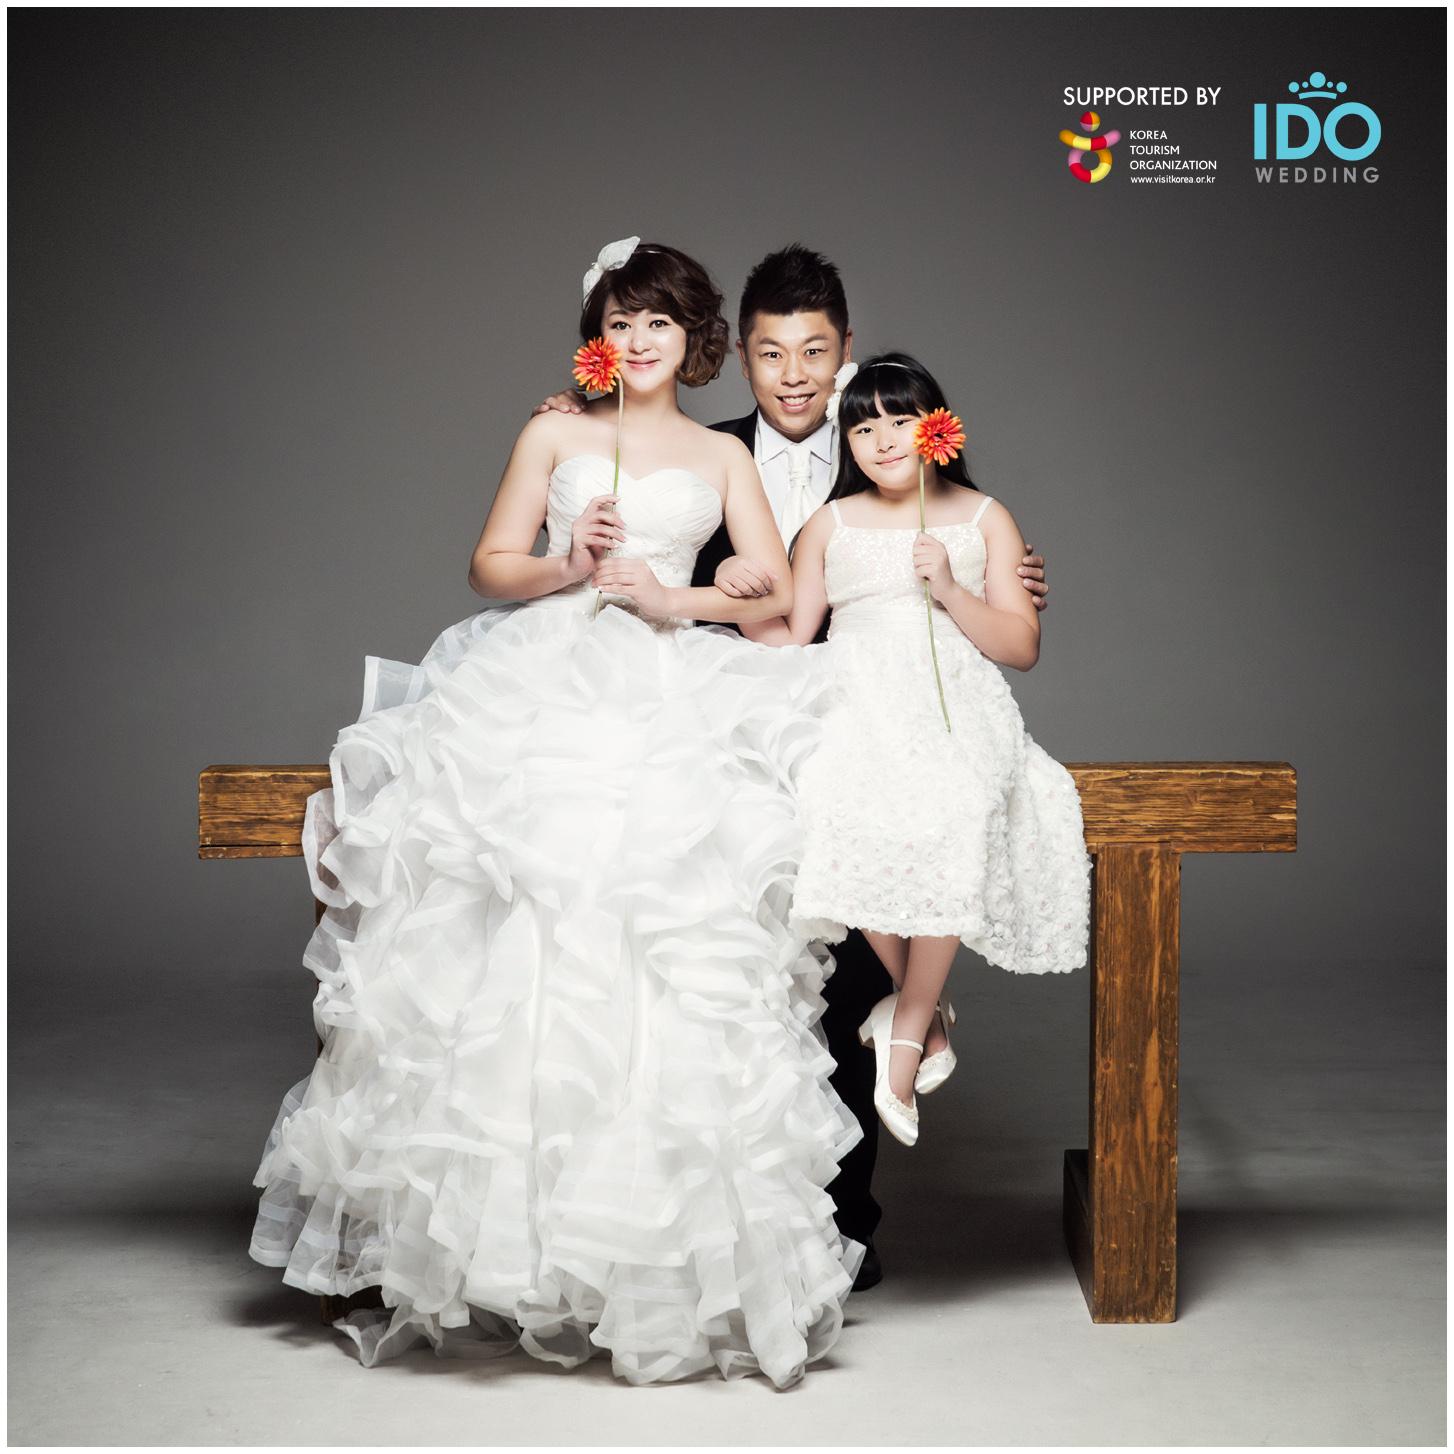 Korean Concept Family Photography Korean Wedding Photo Ido